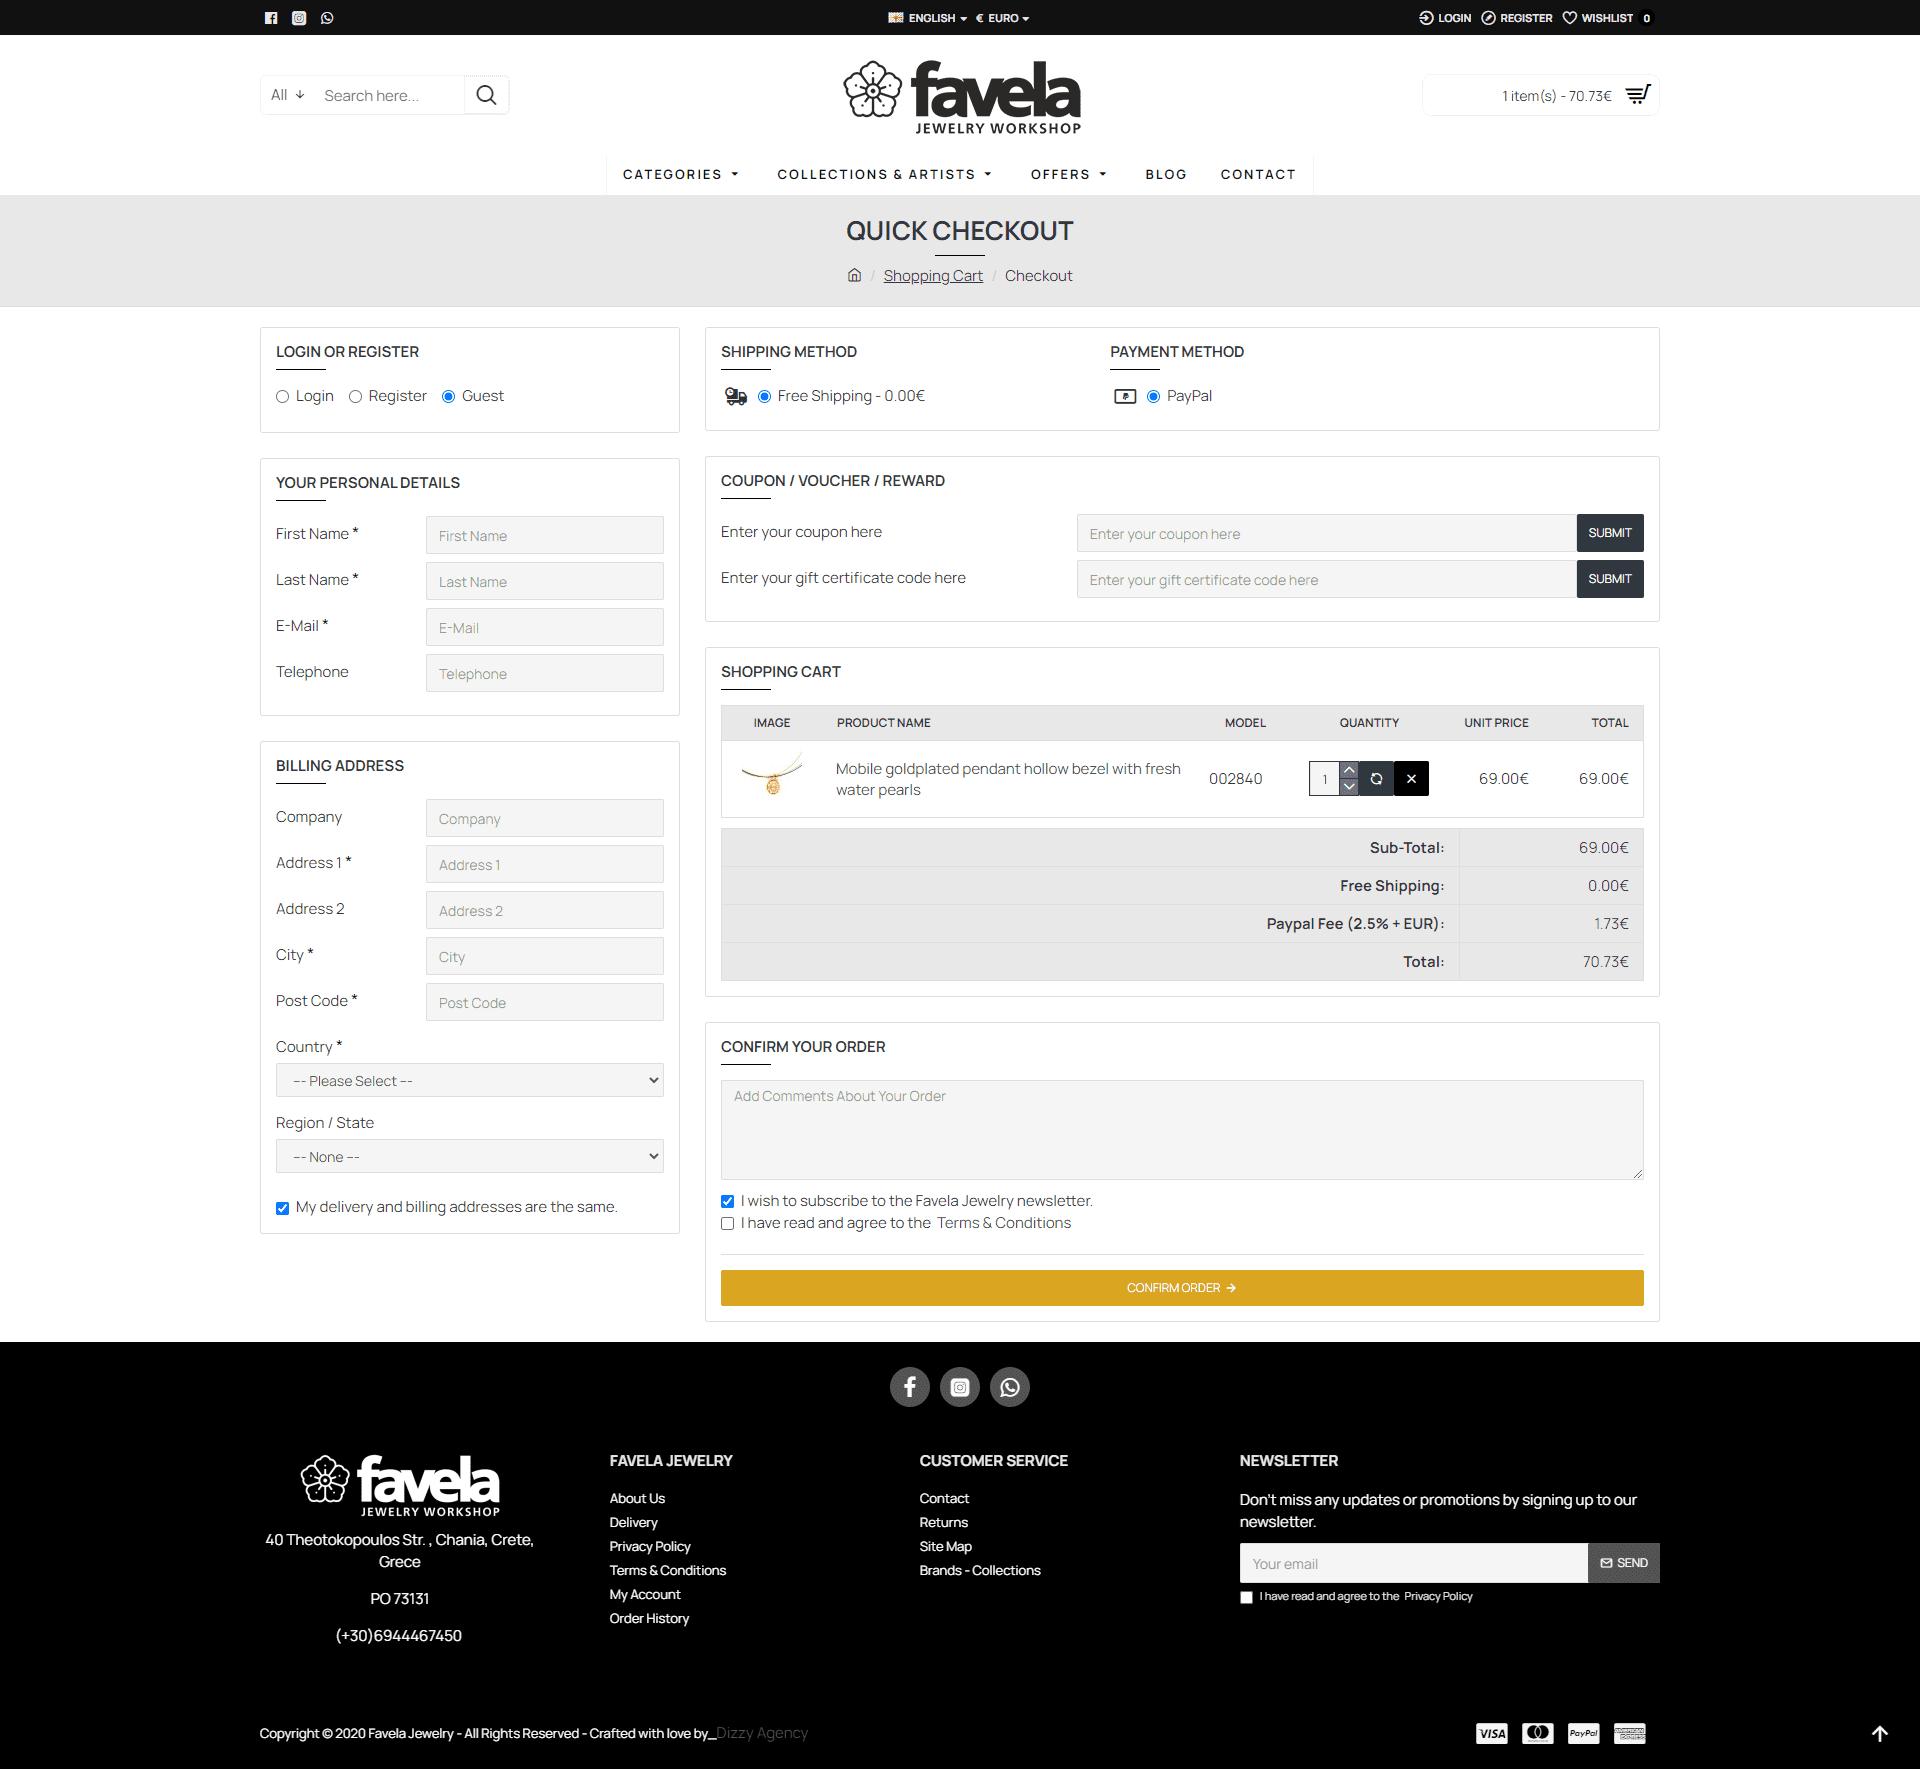 Νέο ηλεκτρονικό κατάστημα για το Favela Jewelry από το Dizzy Agency. 4